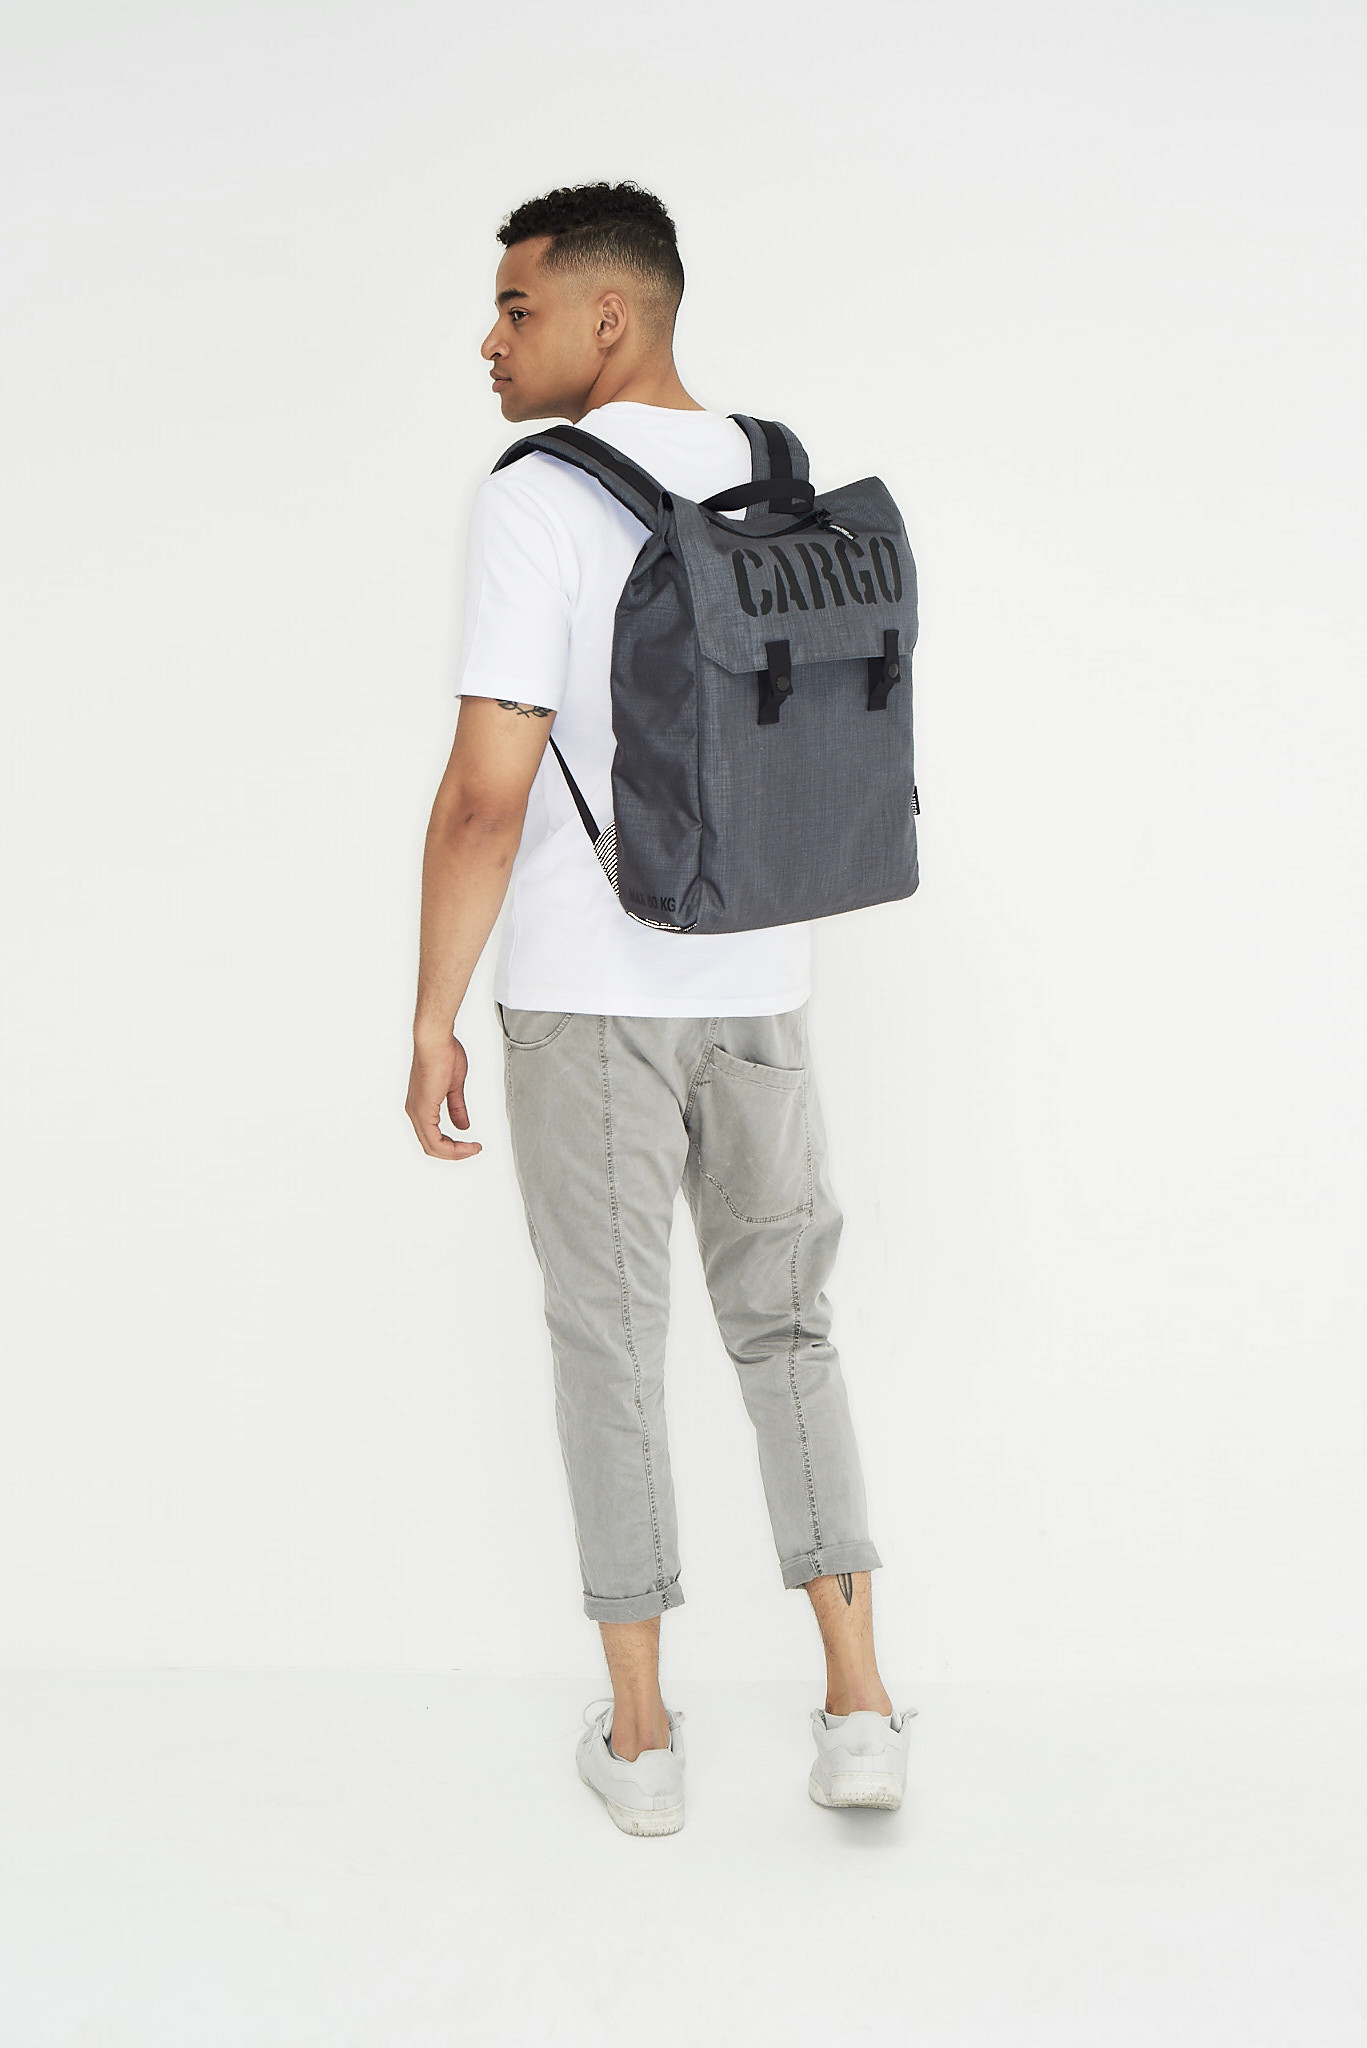 Plecak CLASSIC to wygodny plecak z dwiema zewnętrznymi, dyskretnymi kieszeniami na drobiazgi. Wewnątrz osobna kieszeń na laptop. Dla tych, którzy nie muszą nosić ze sobą wszystkiego. W sam raz na wyjście z laptopem i kilkoma rzeczami do pracy. Wieczorem z biurowego zamień go w sportowy - zmieścisz ręcznik, strój i klapki na basen albo rzeczy na siłownię. Wyprodukowany w Polsce!